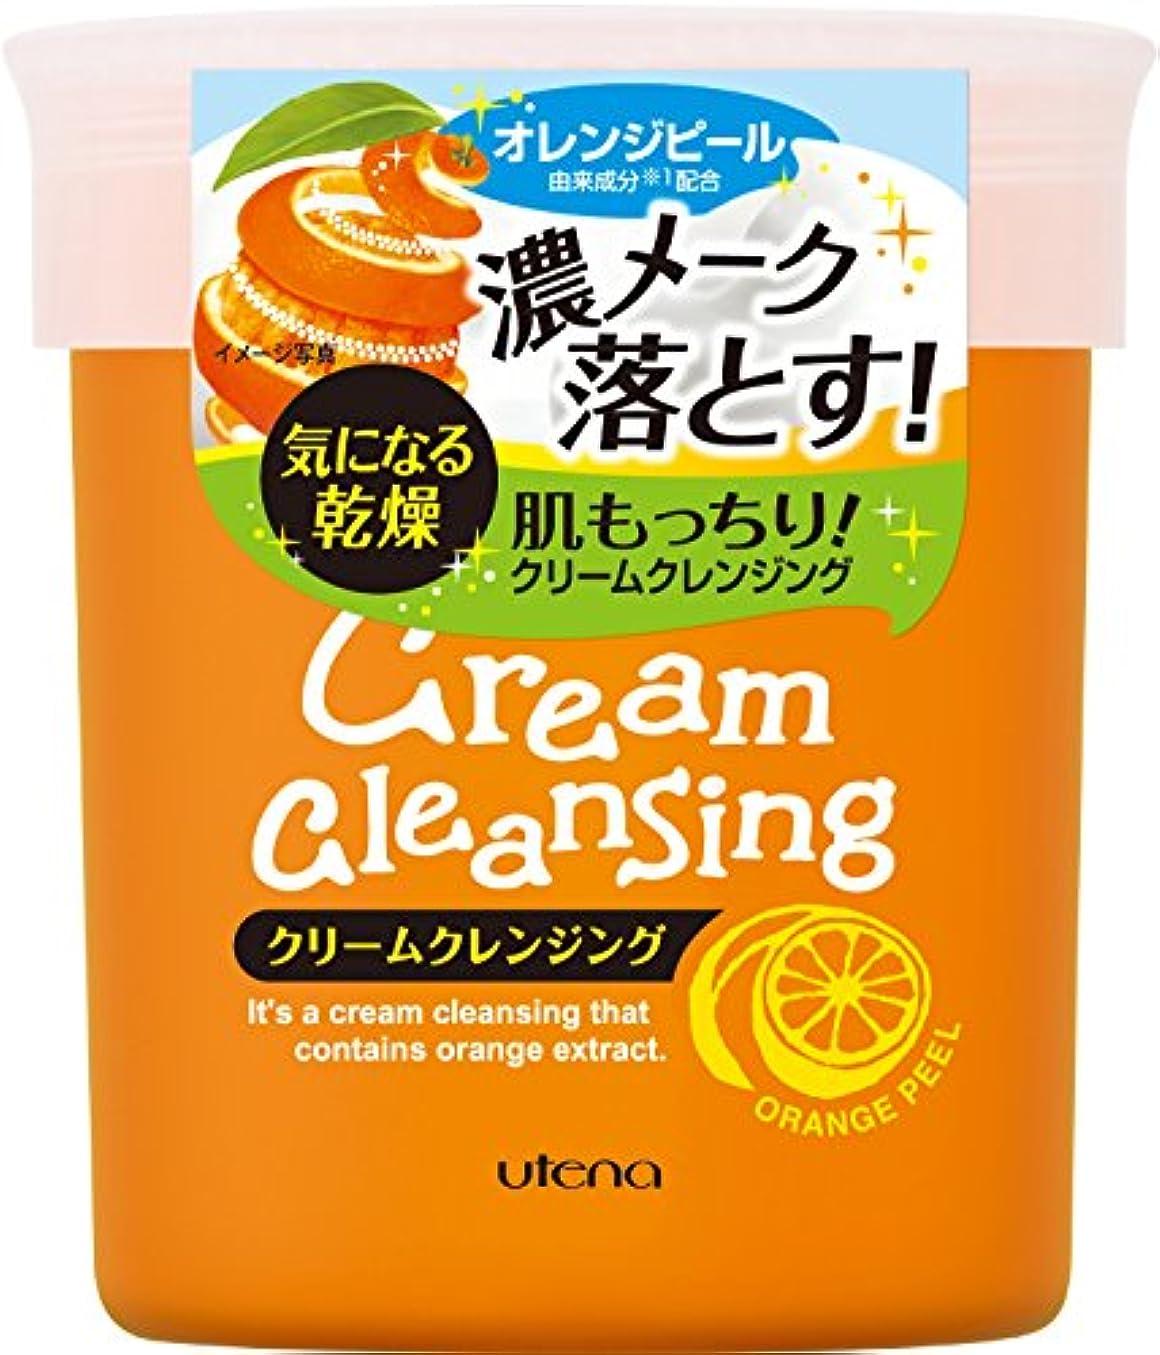 最悪クリームメンダシティオープル クリームクレンジング (オレンジピール由来成分配合)280g